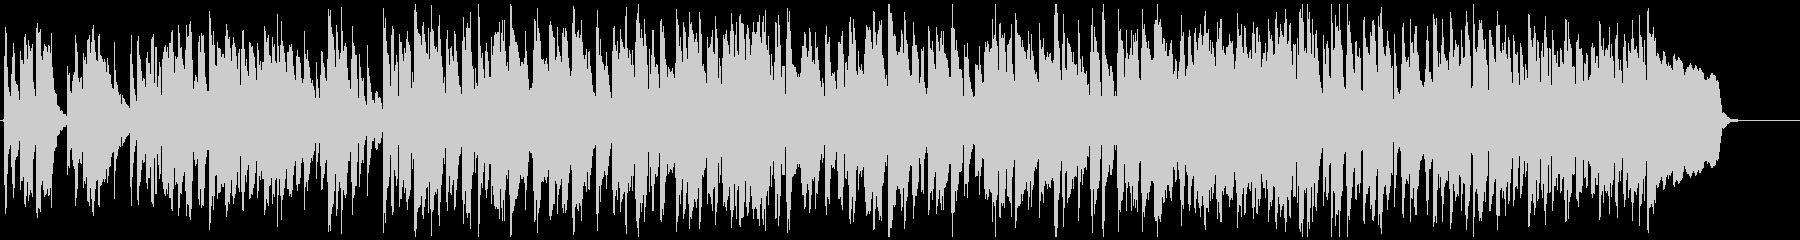 コメディ系のリコーダー曲、ゆるい、脱力の未再生の波形